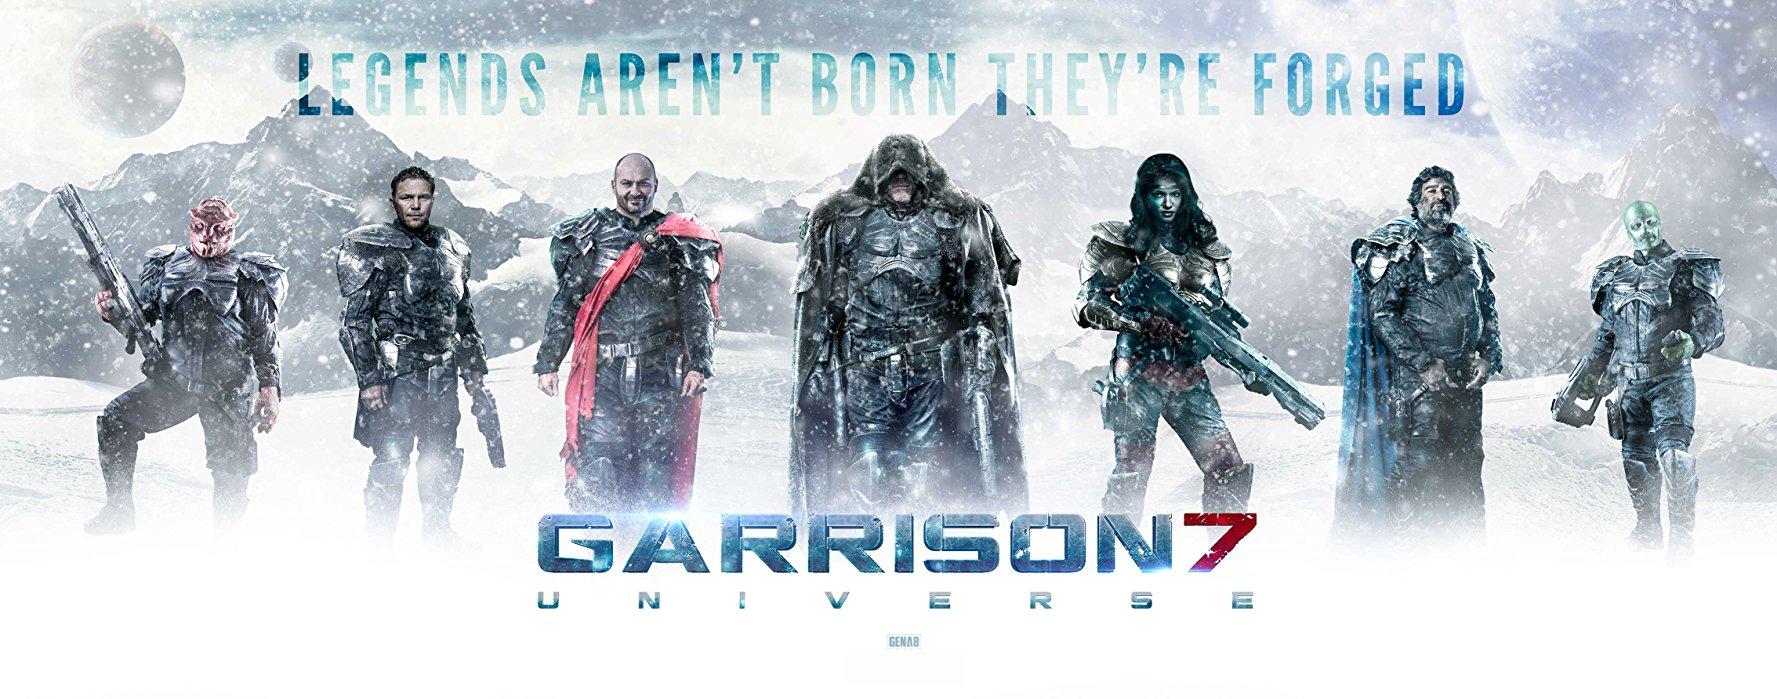 Garrison 7 the fallen фильм 2018 о чем фильм